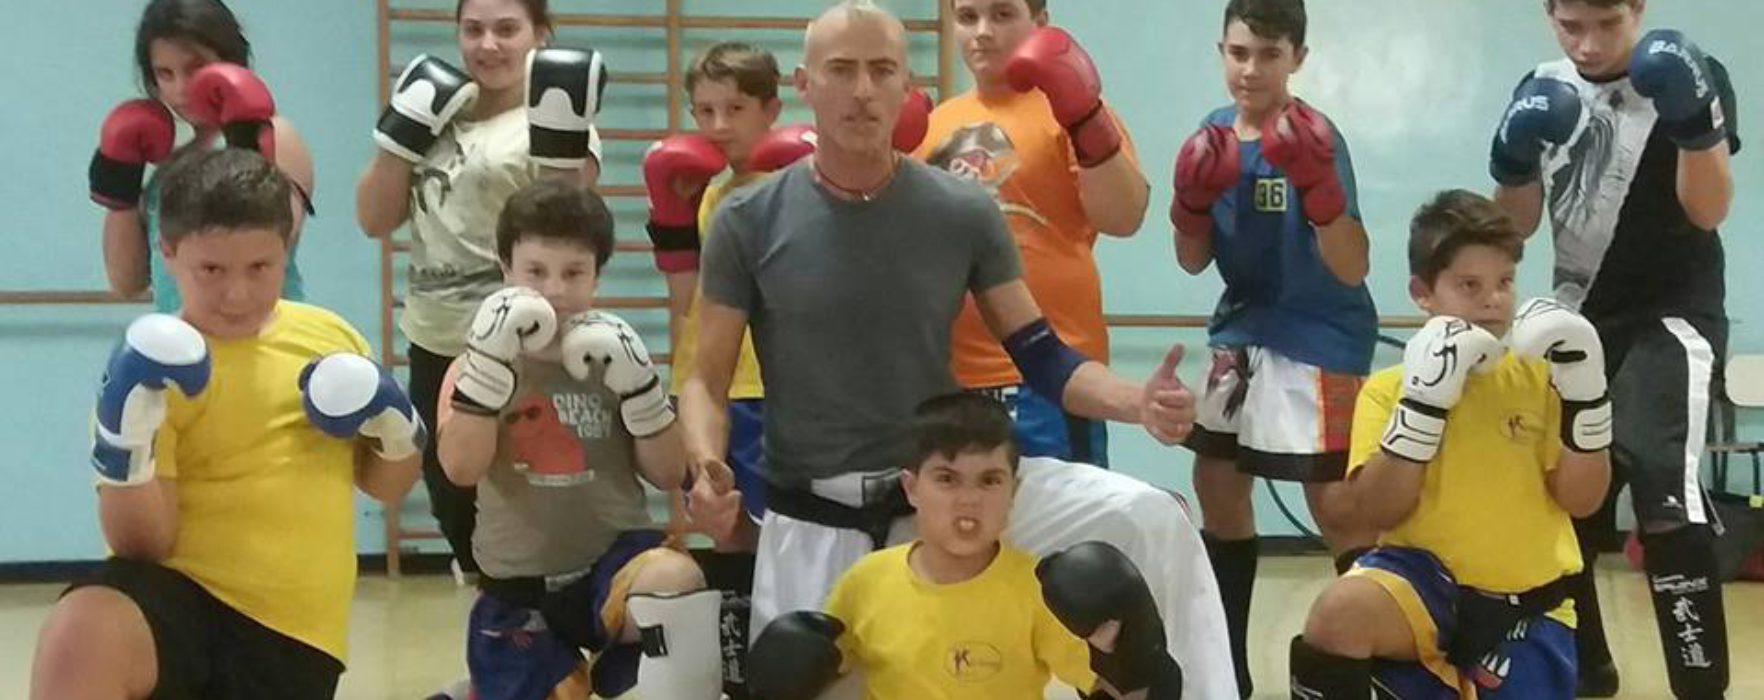 (Italiano) Crescere i ragazzi 'spiritualmente' con la kickboxing: il metodo del maestro Luigi Prato